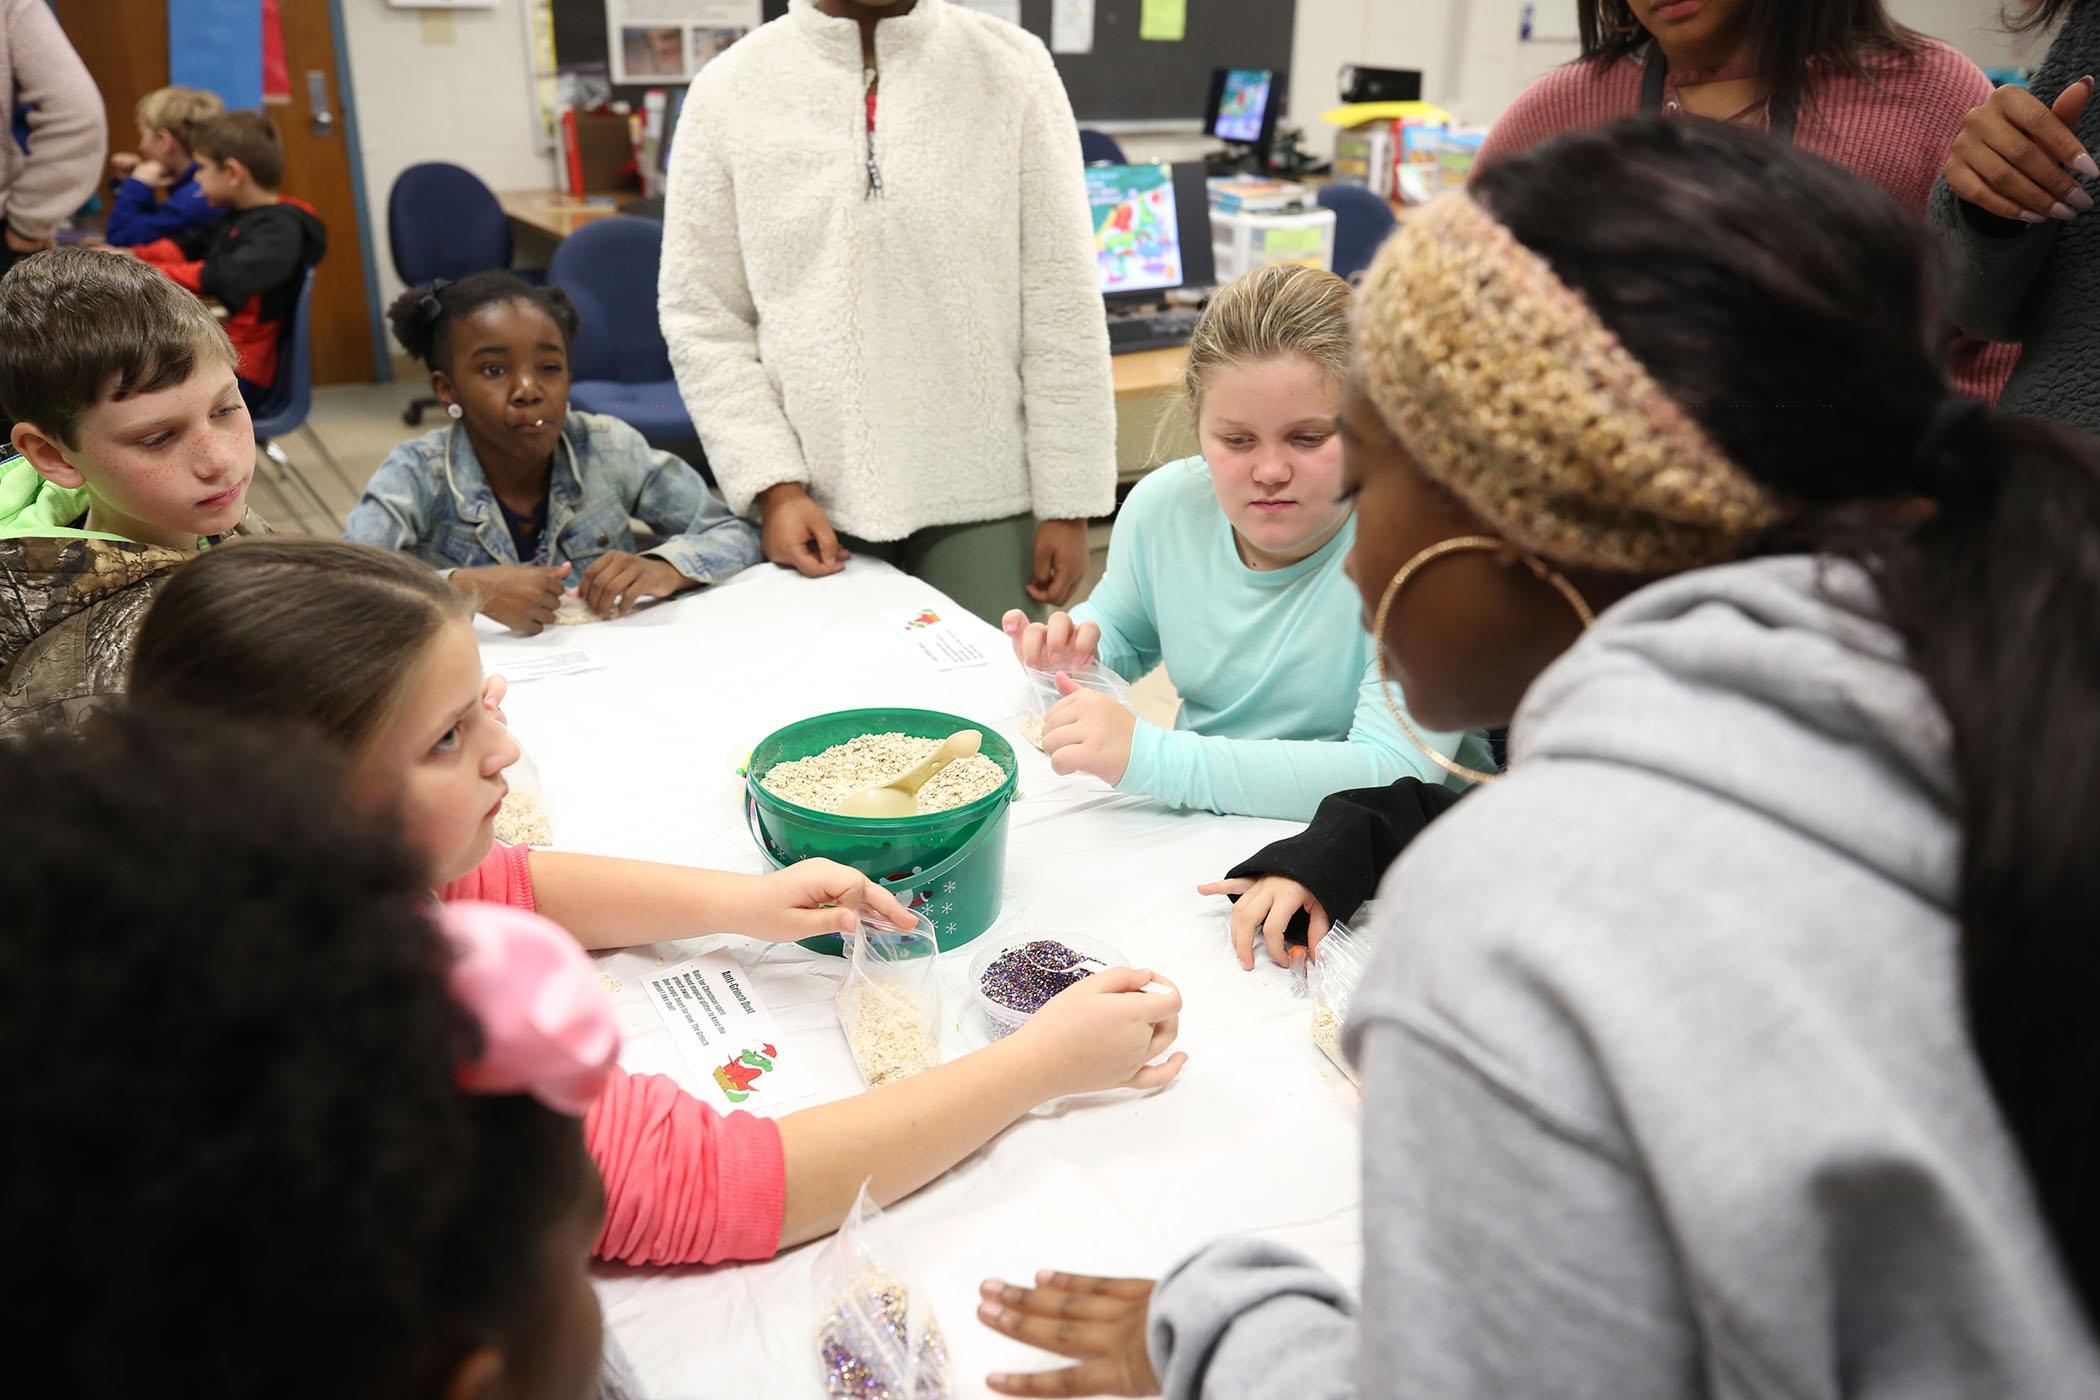 QUE kids visit ECE at CTC.